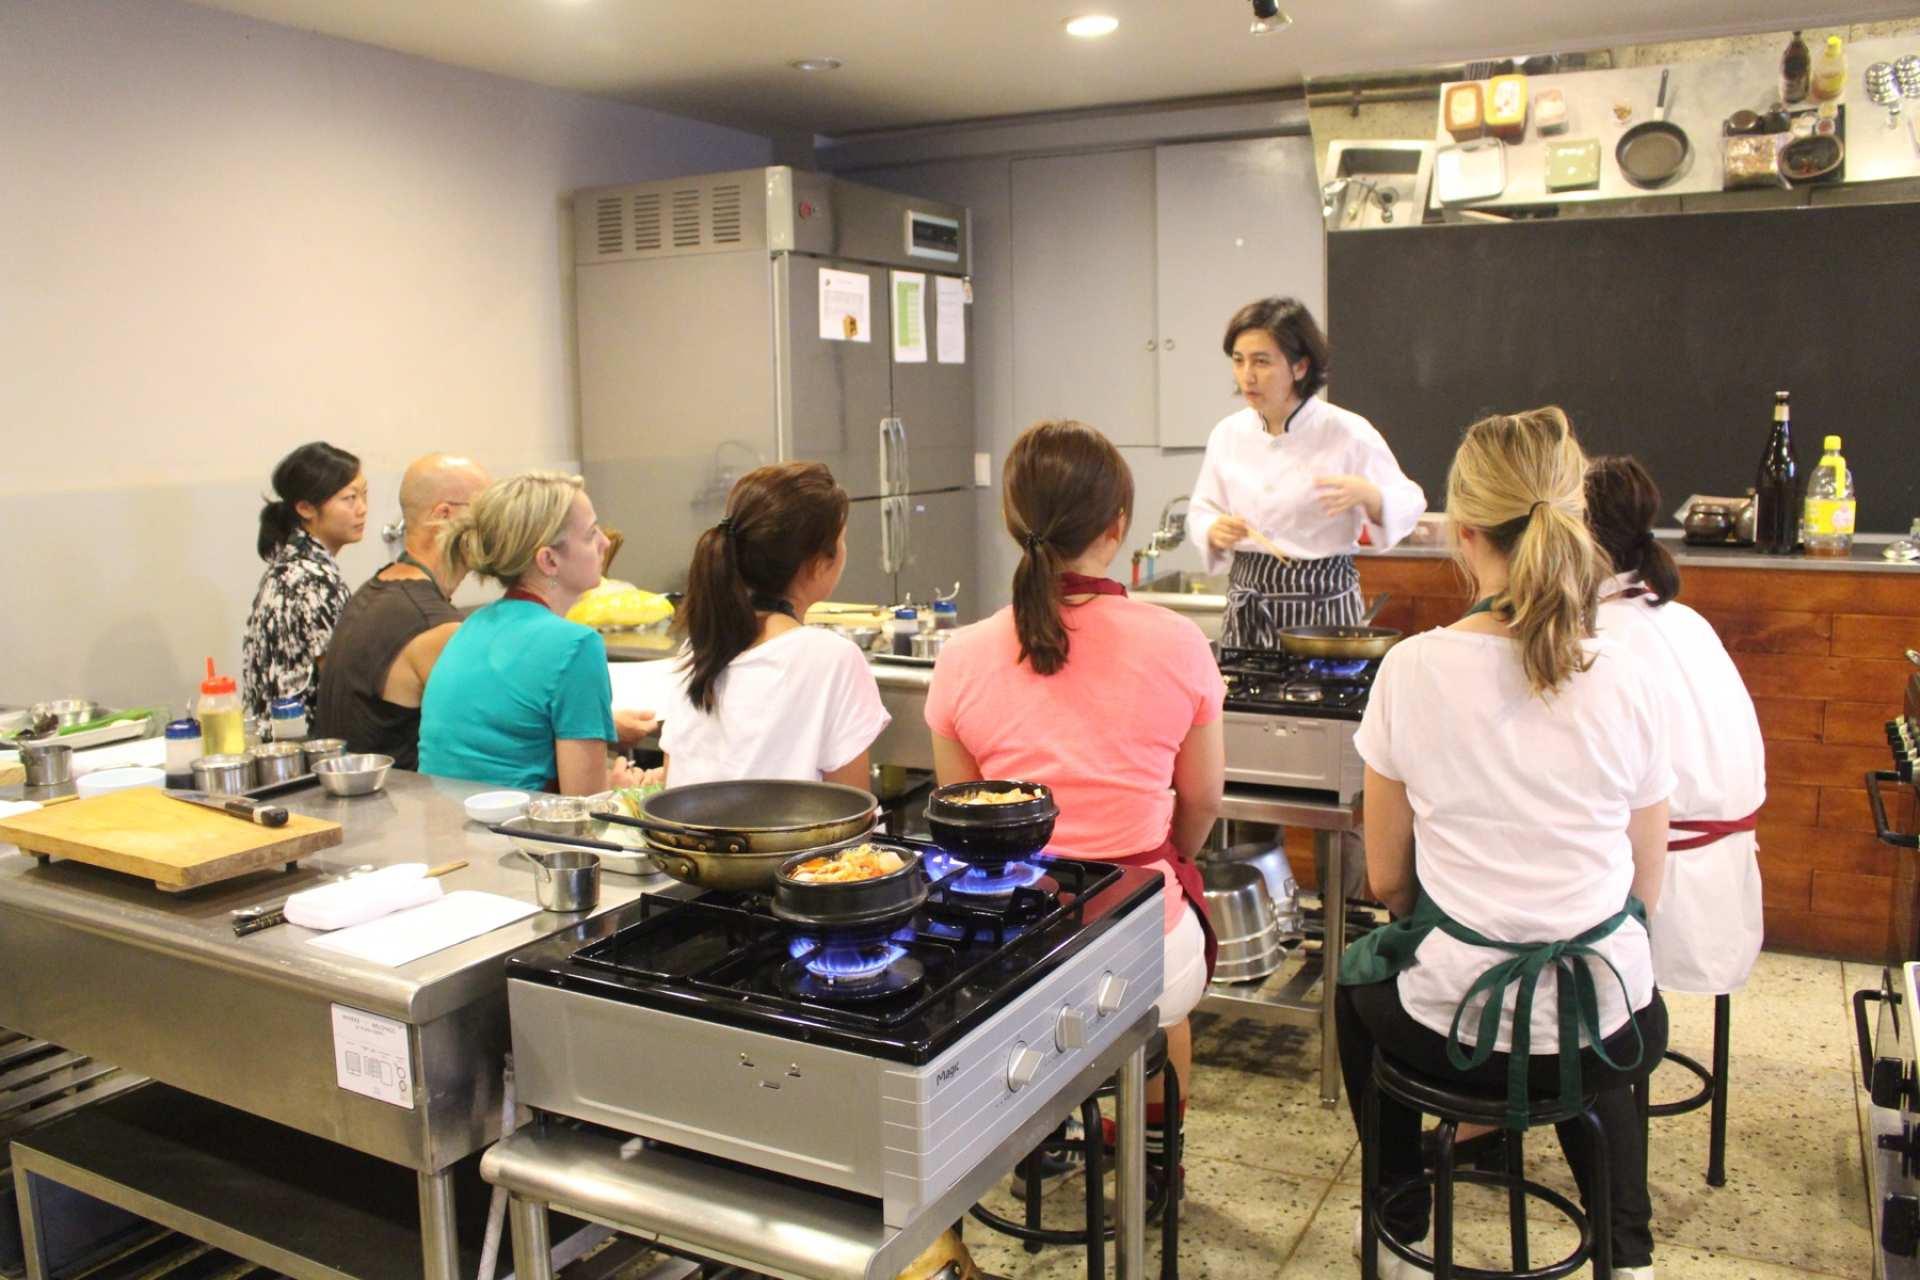 【初心者歓迎!】ソウルの韓国料理教室:オンゴ・フード・コミュニケーションズ